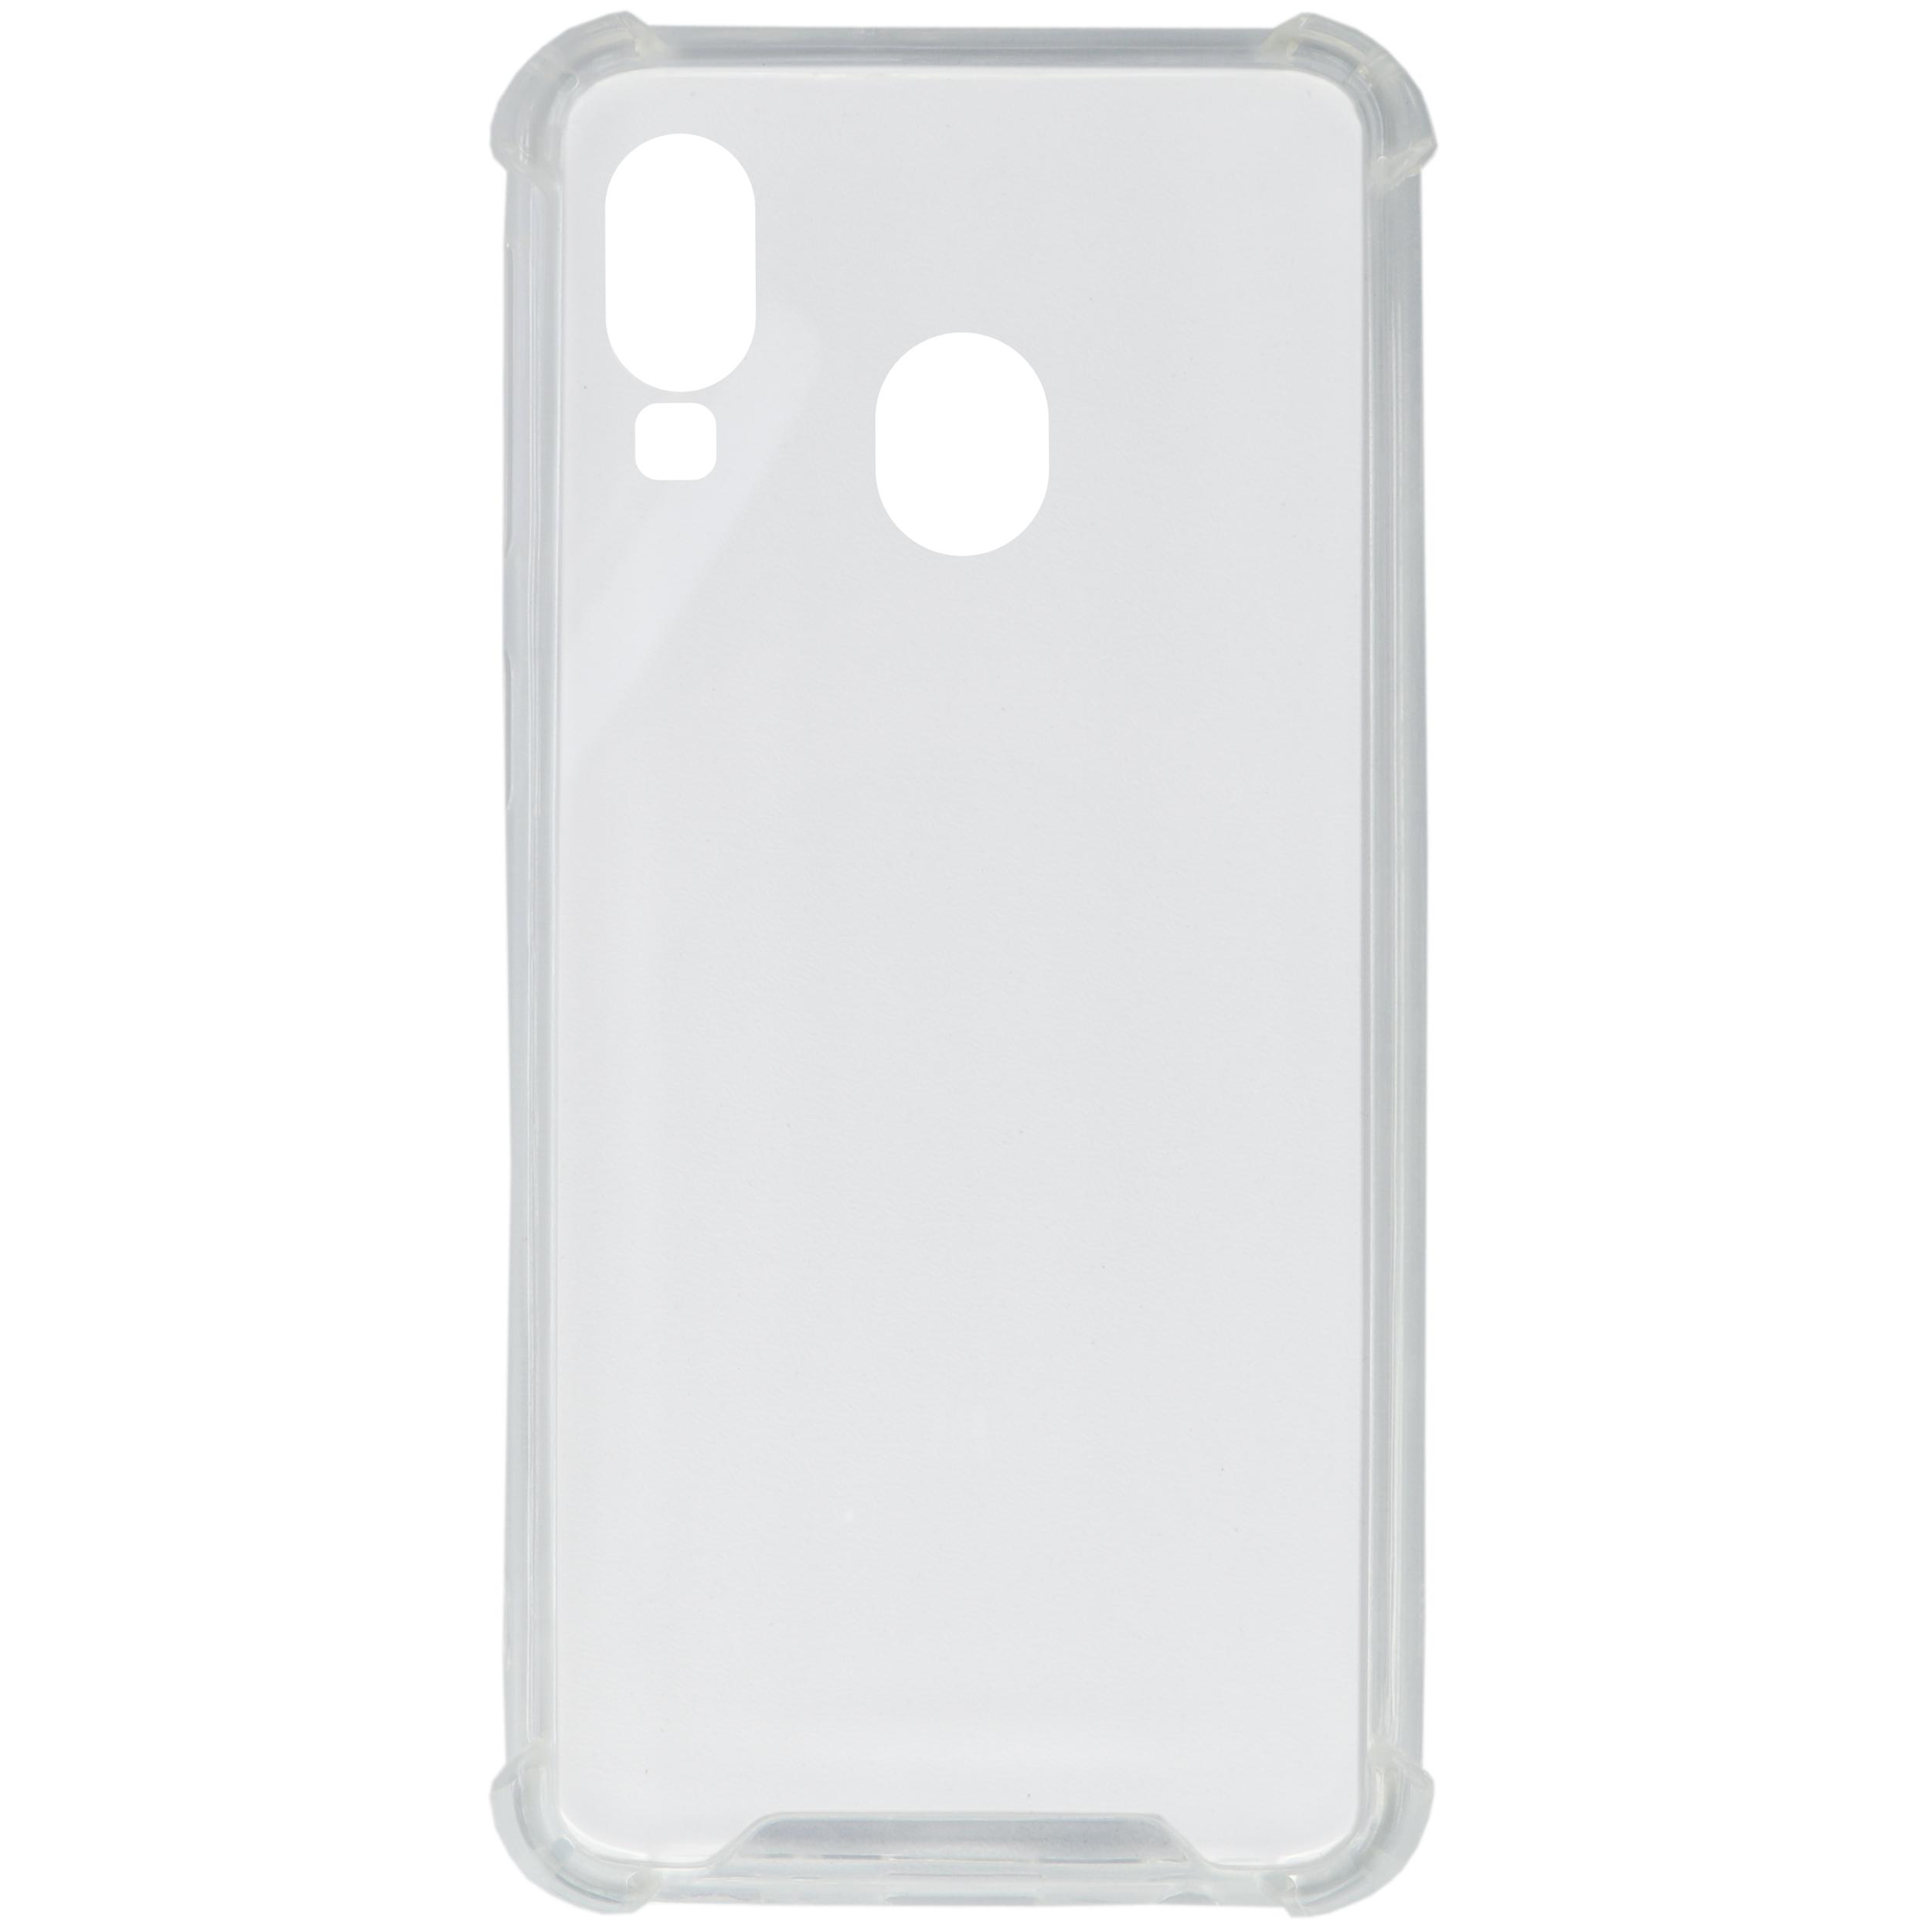 کاور مدل 5u مناسب برای گوشی موبایل سامسونگ Galaxy A30/A20